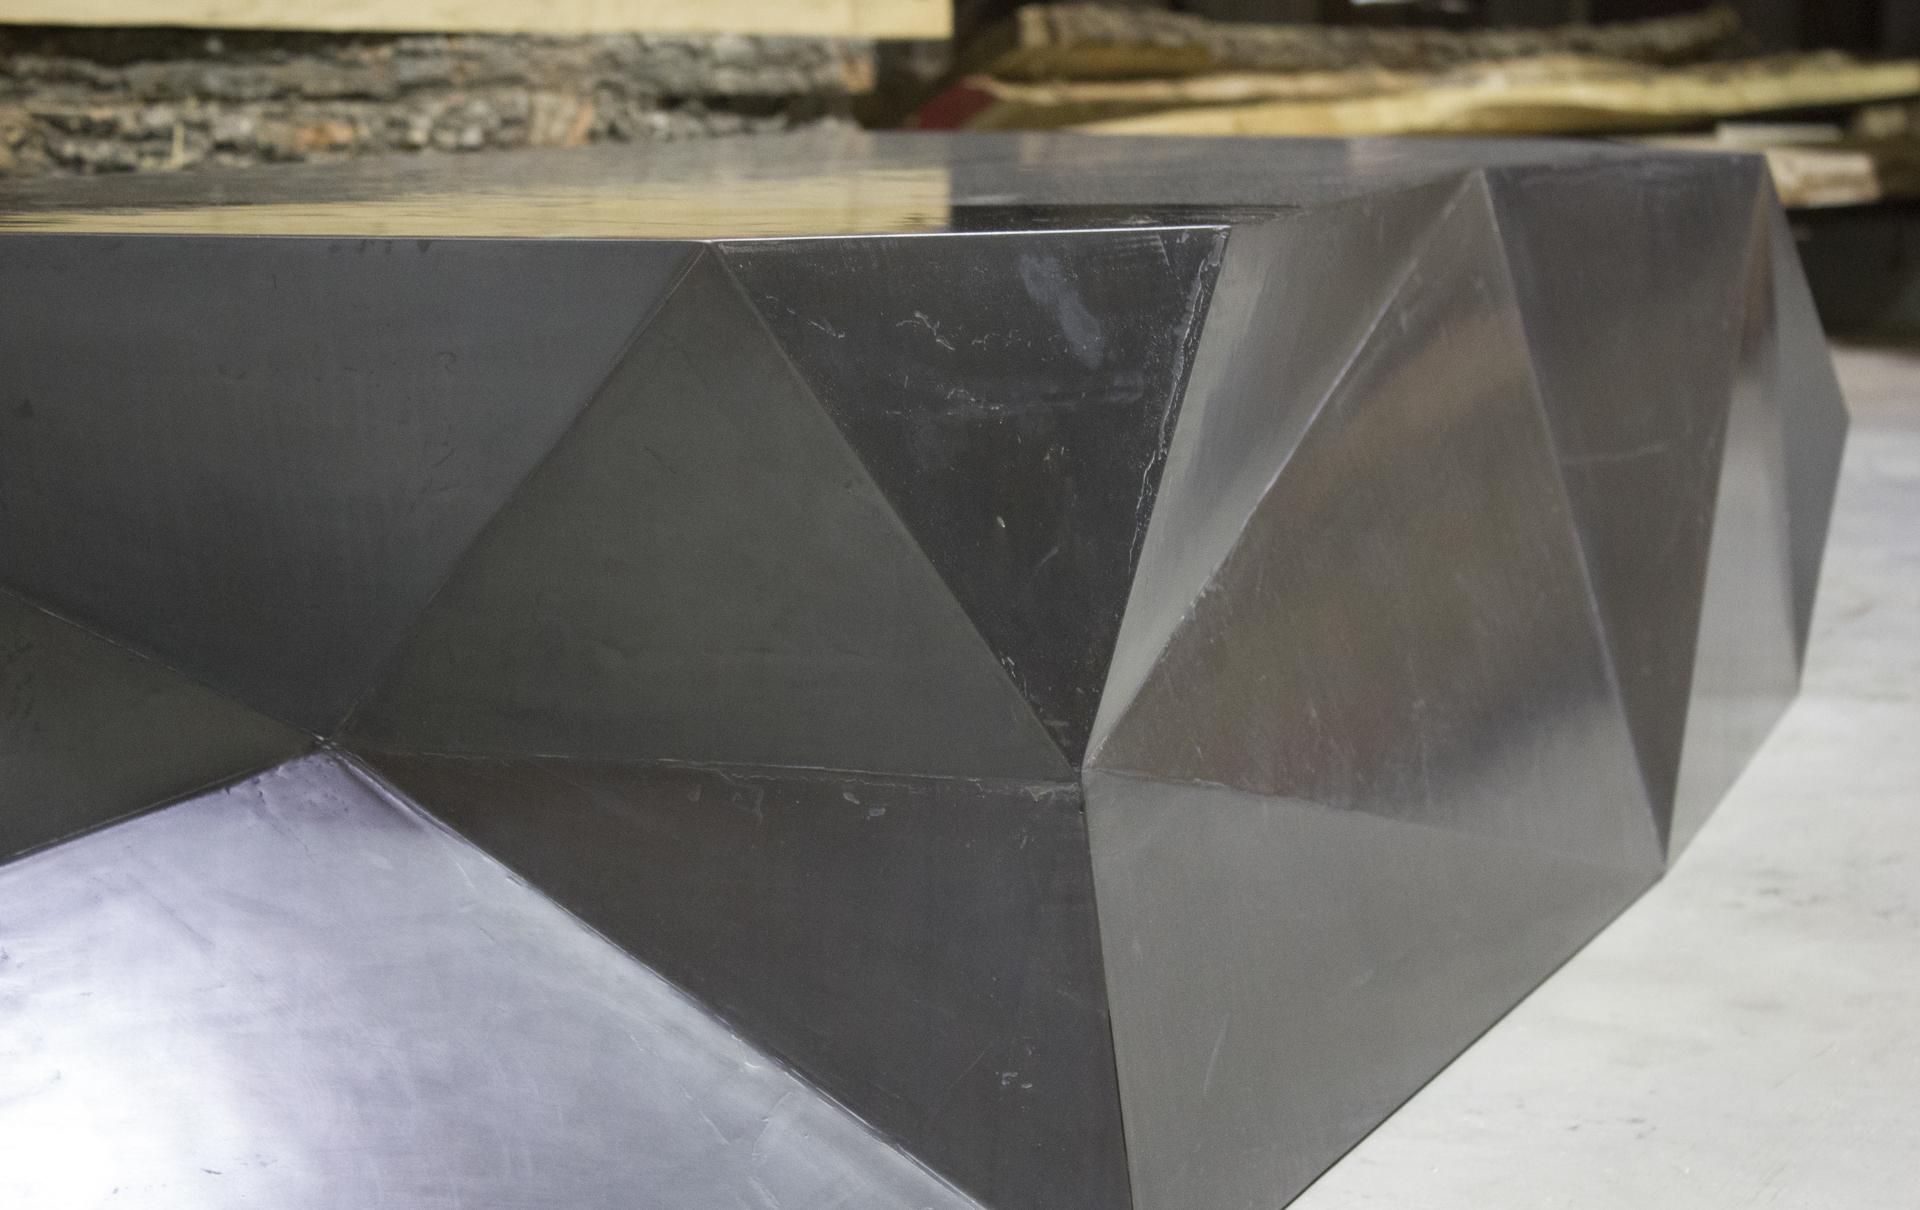 tischlerei-decker-couchtisch-metalloberflaeche-facetten